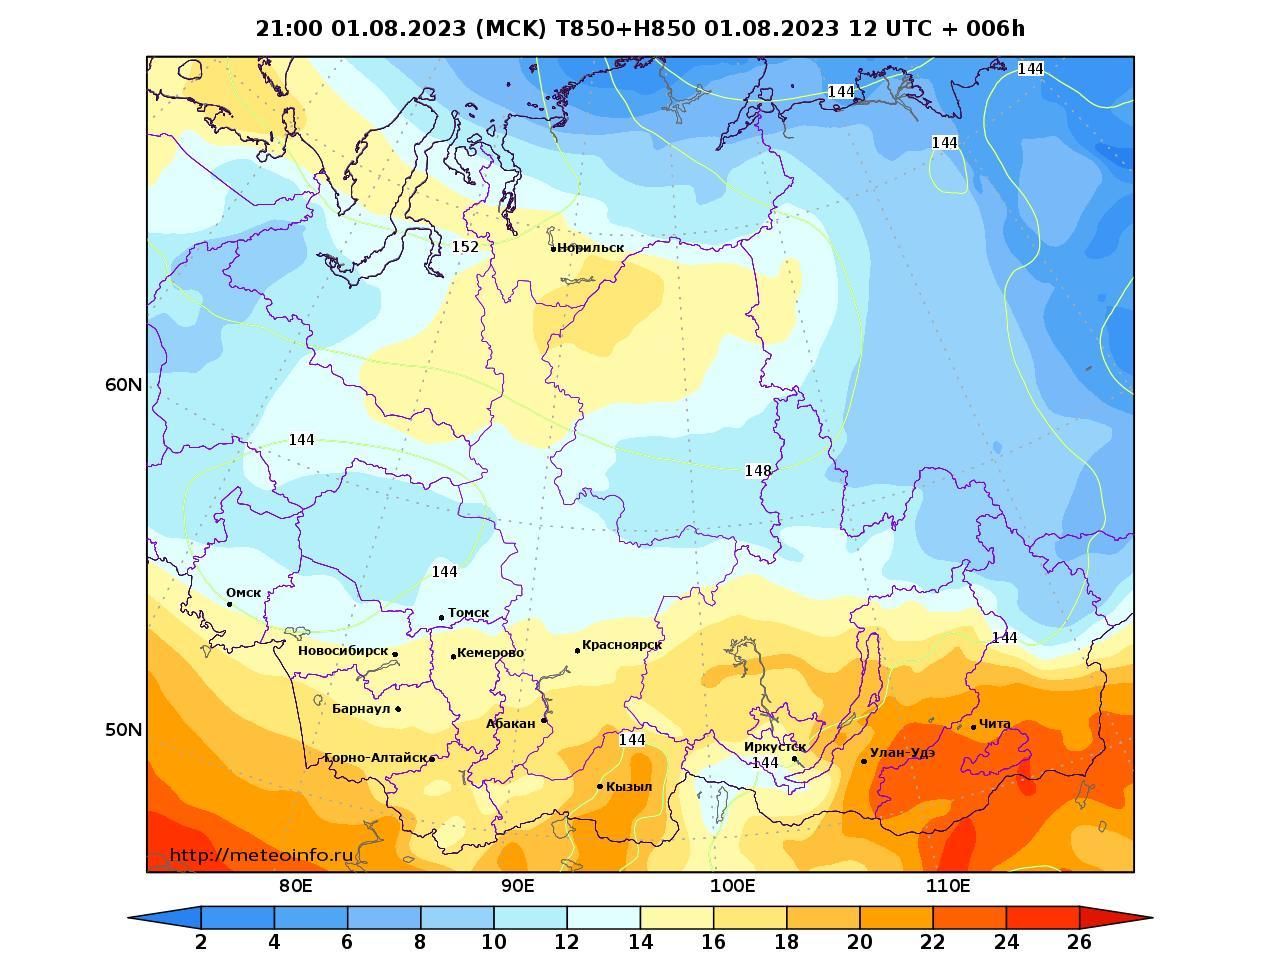 Сибирский Федеральный округ, прогностическая карта температура T850 и геопотенциал H850, заблаговременность прогноза 6 часов